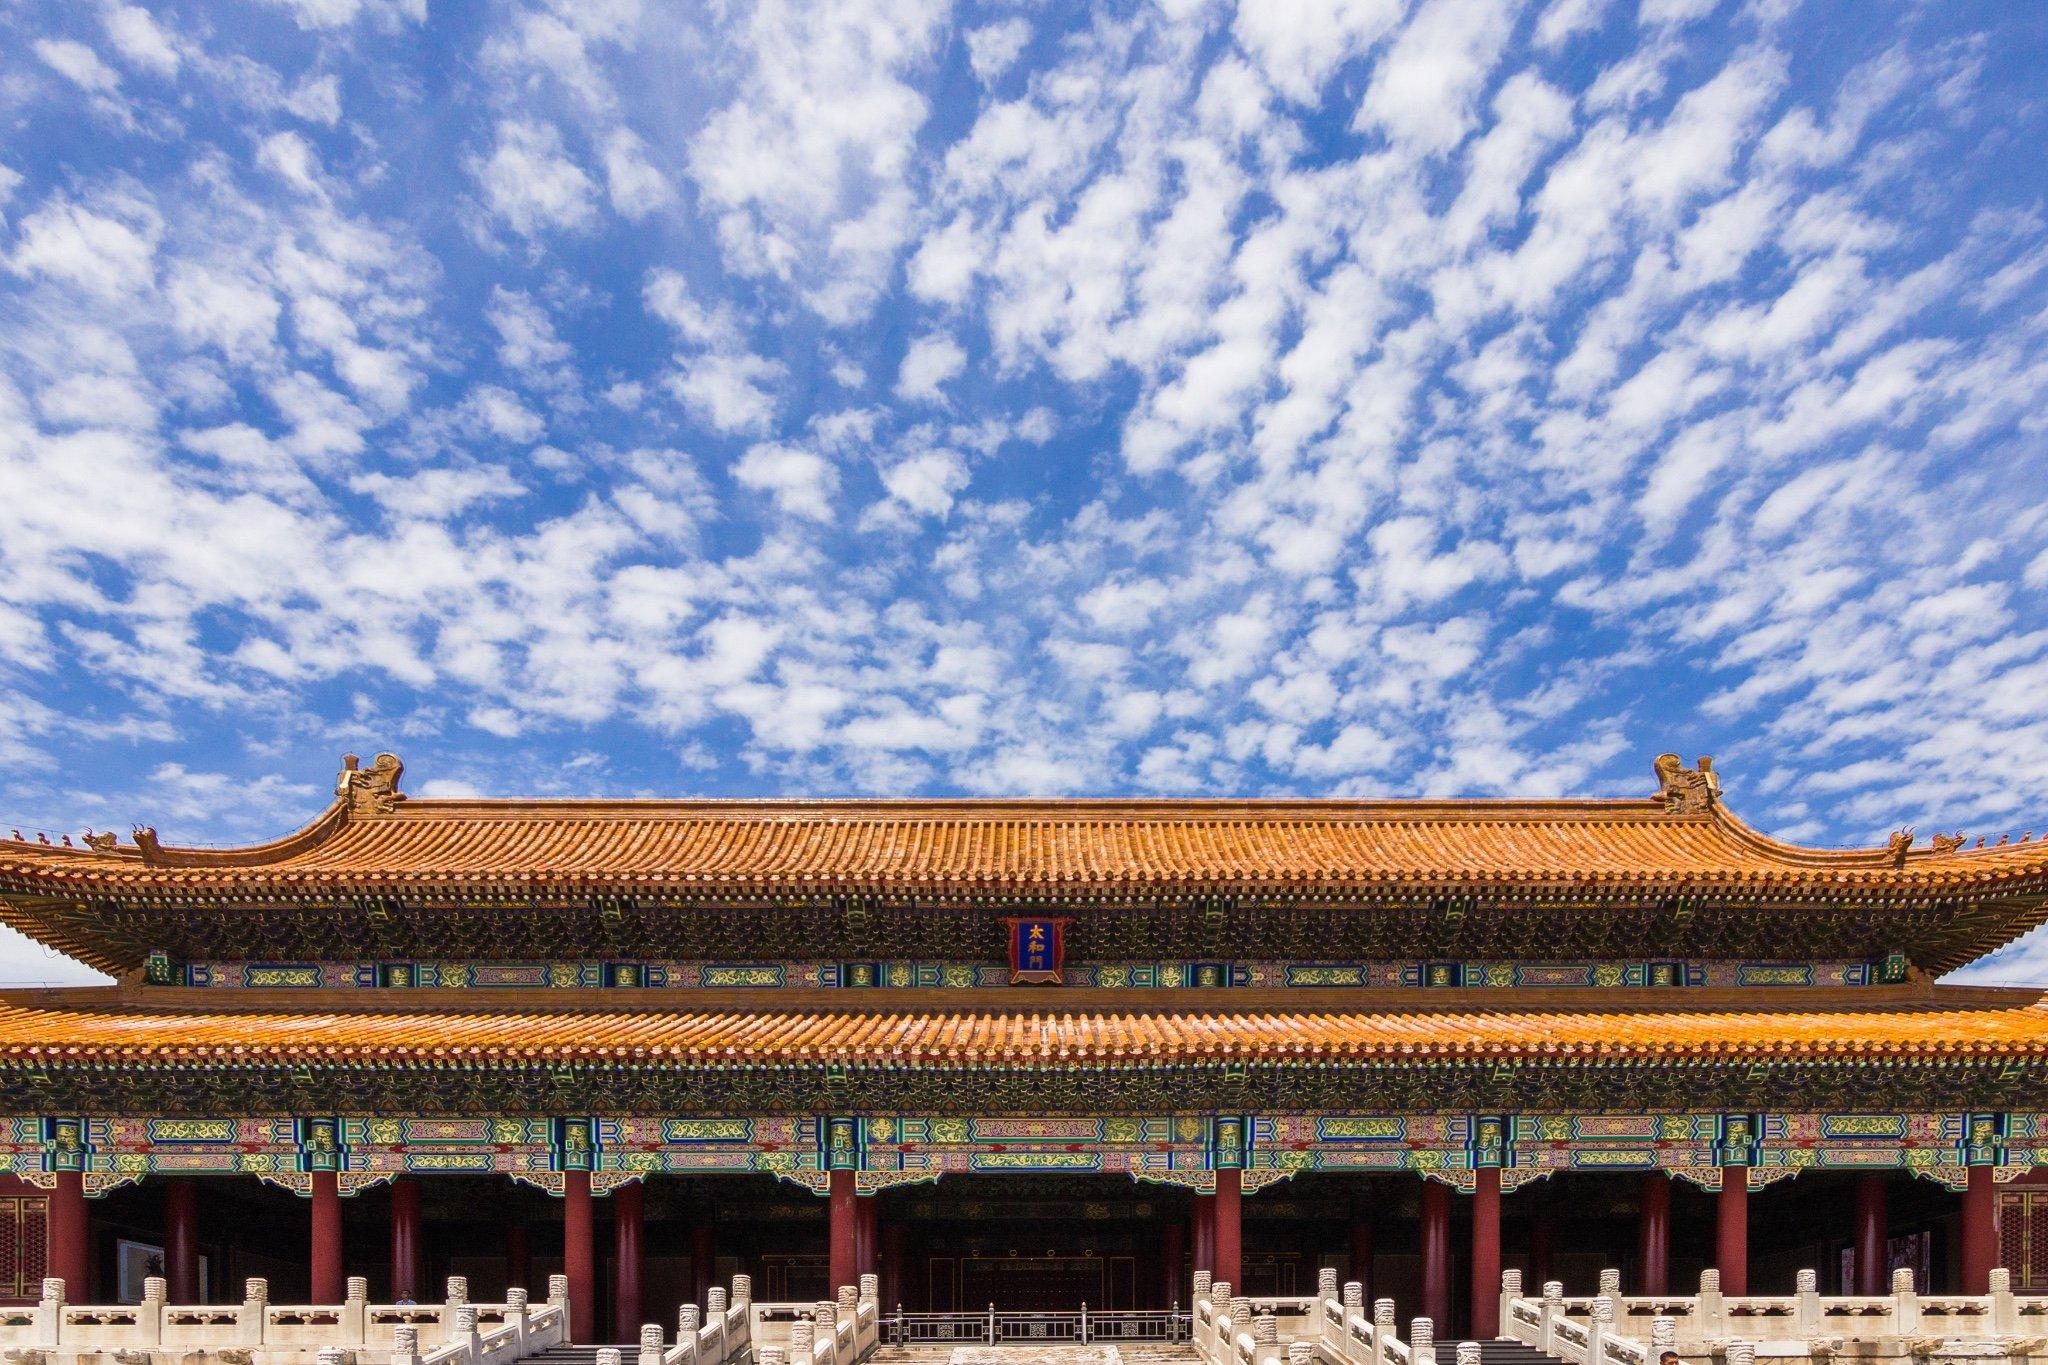 6天玩转北京城,经典景点任意游